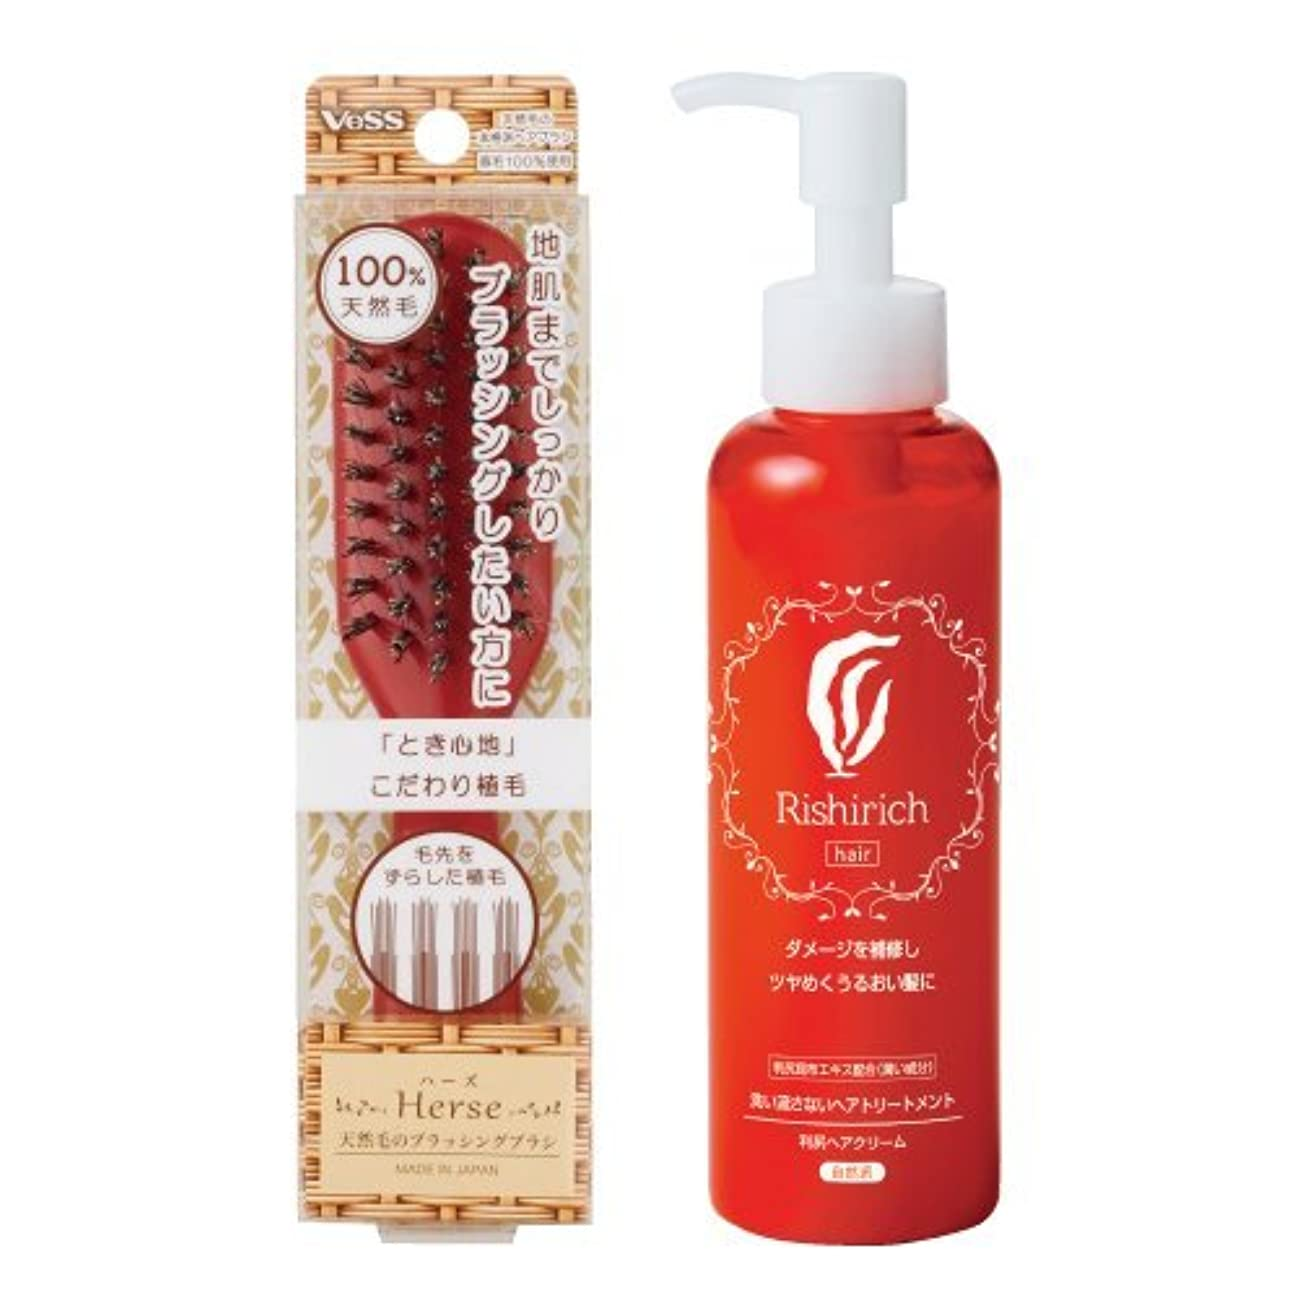 【Amazon限定】利尻ヘアクリーム+天然毛のブラッシングブラシセット